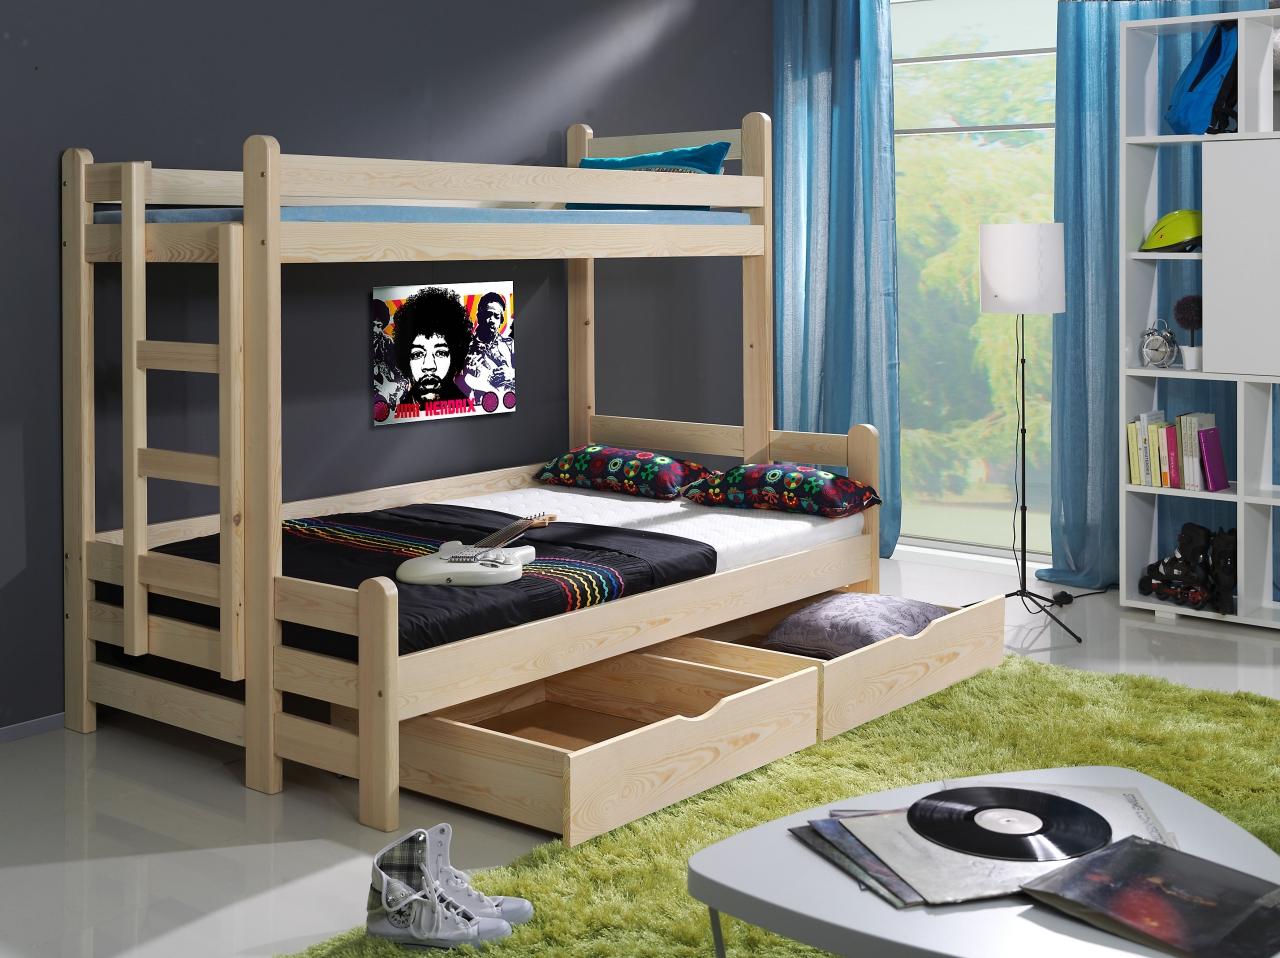 MebloBed Patrová postel Benjamin 80x200 cm s rozšířeným spodním lůžkem 120x200 cm Bílá, Bílá, bez matrací 911f63f5ce1d9830a034bcd99be84d7c